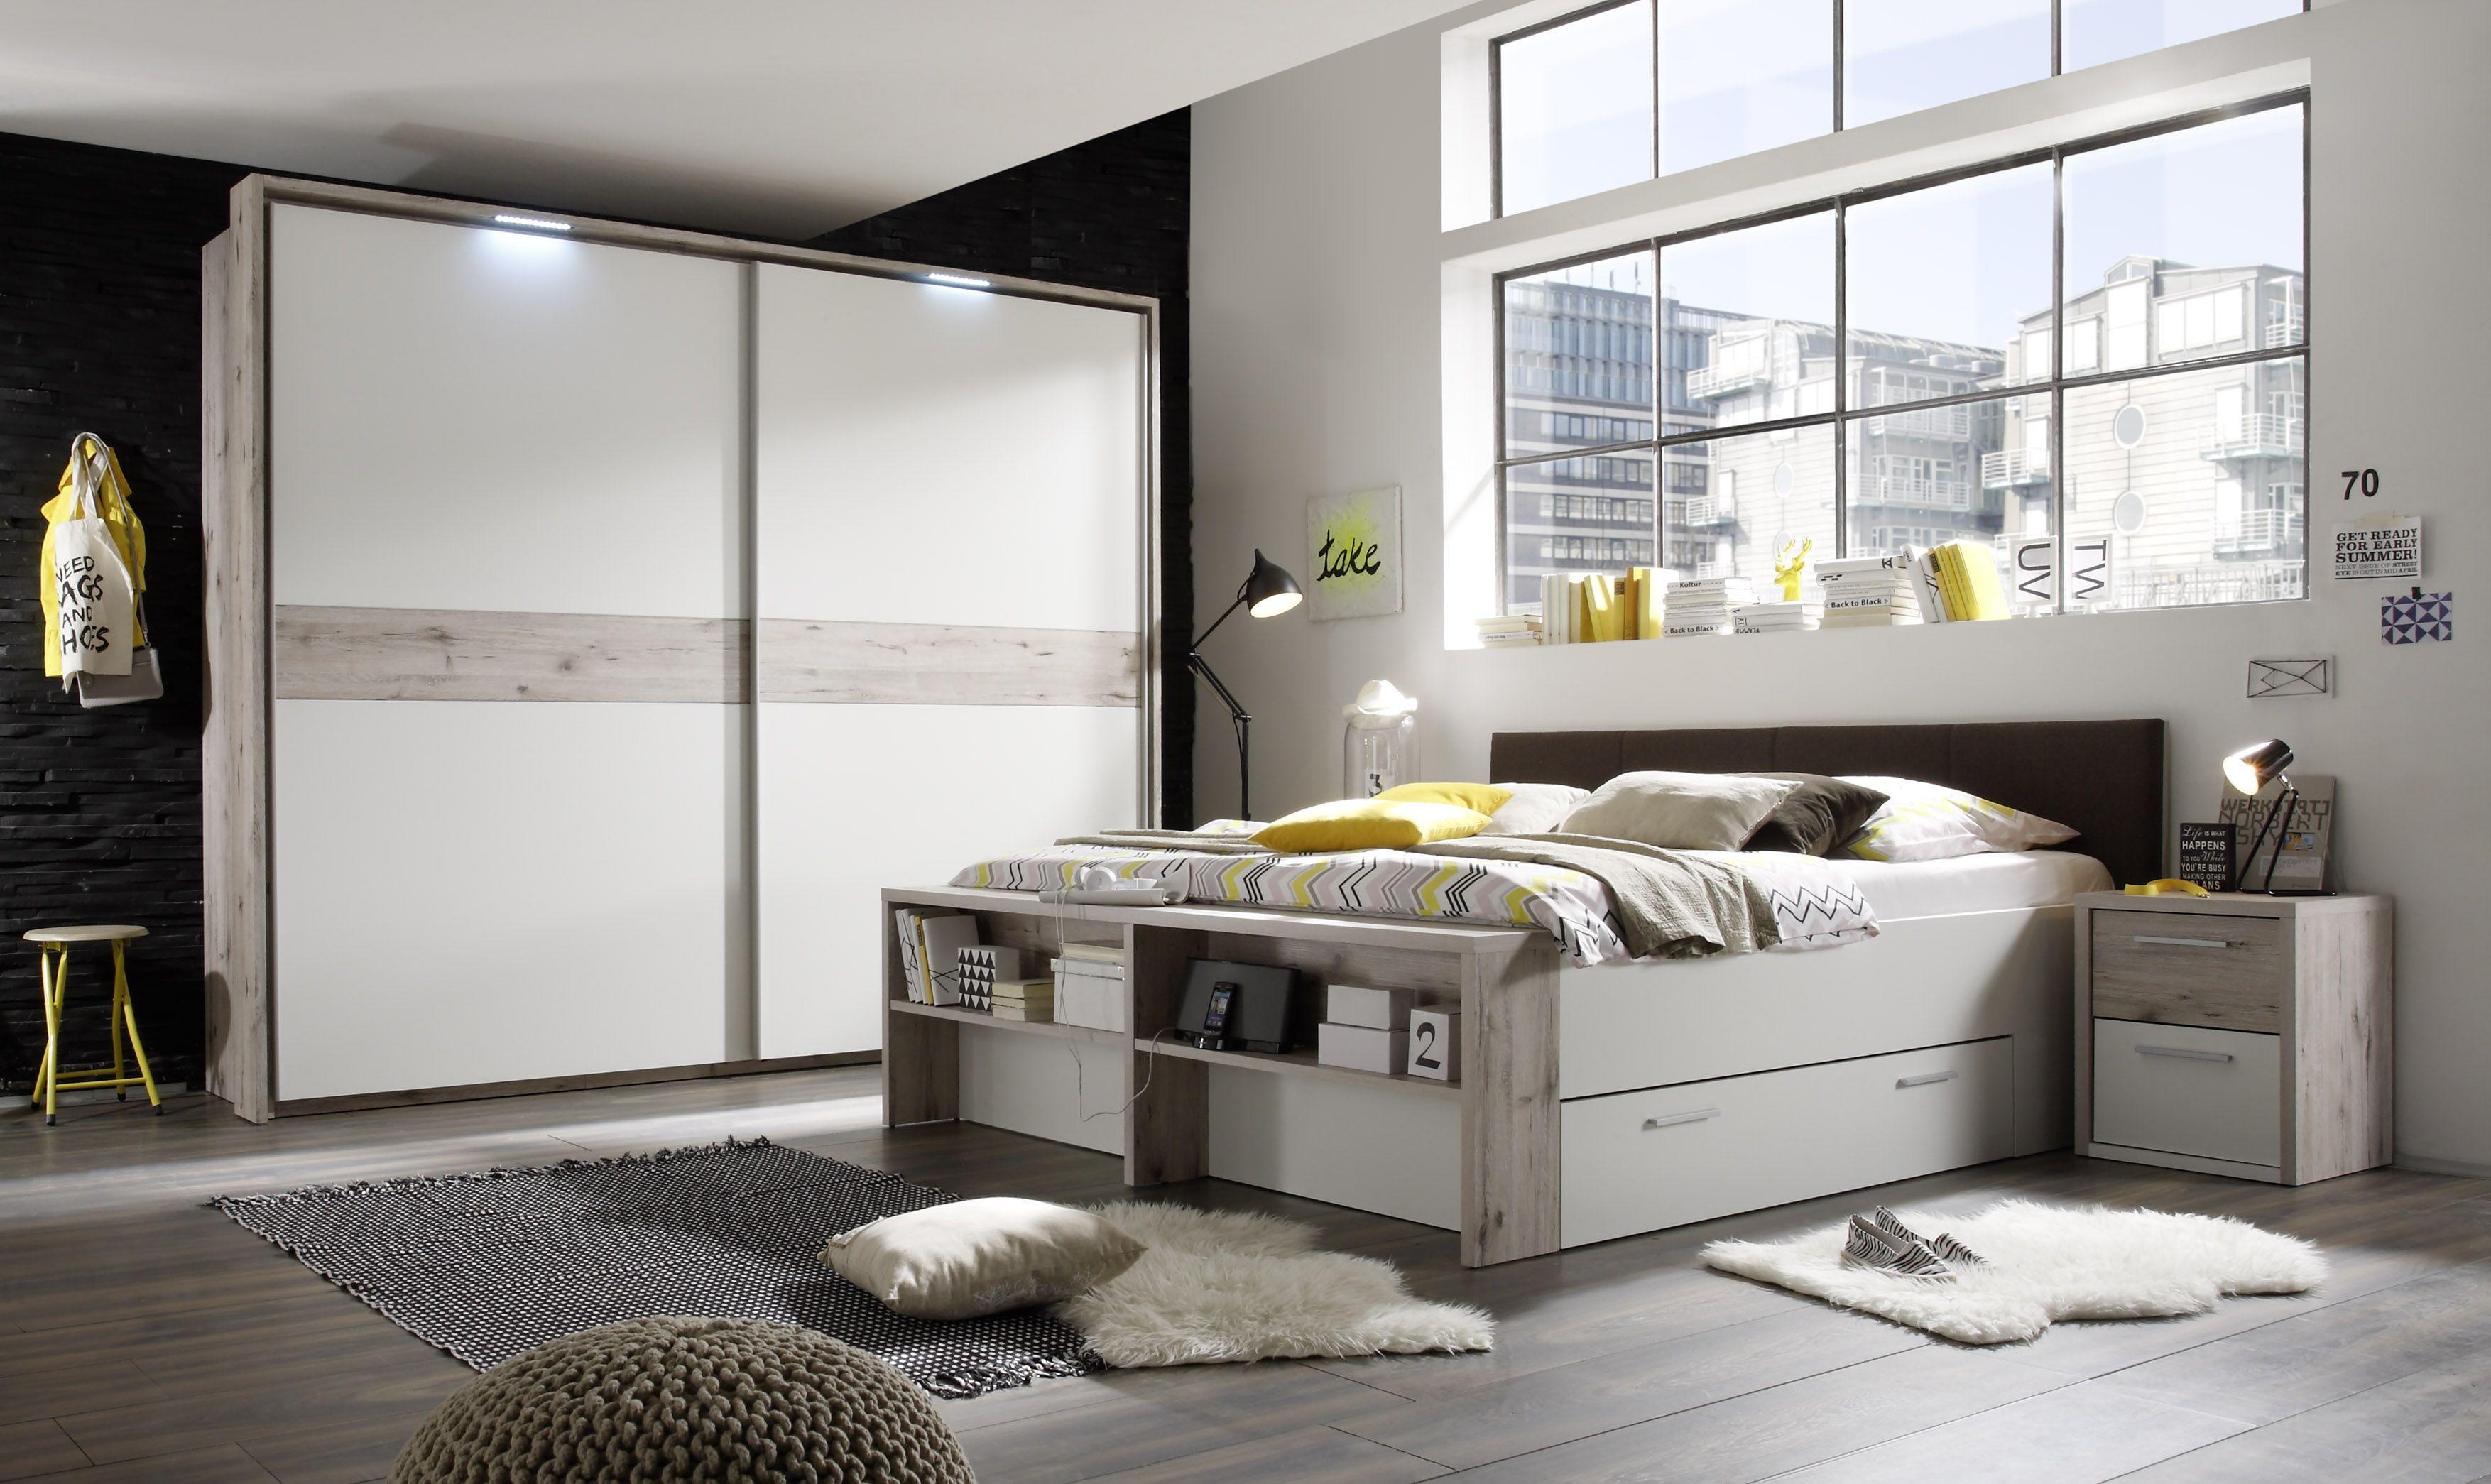 Schlafzimmer Mit Bett 180 X 200 Cm Sandeiche/ Weiss Woody